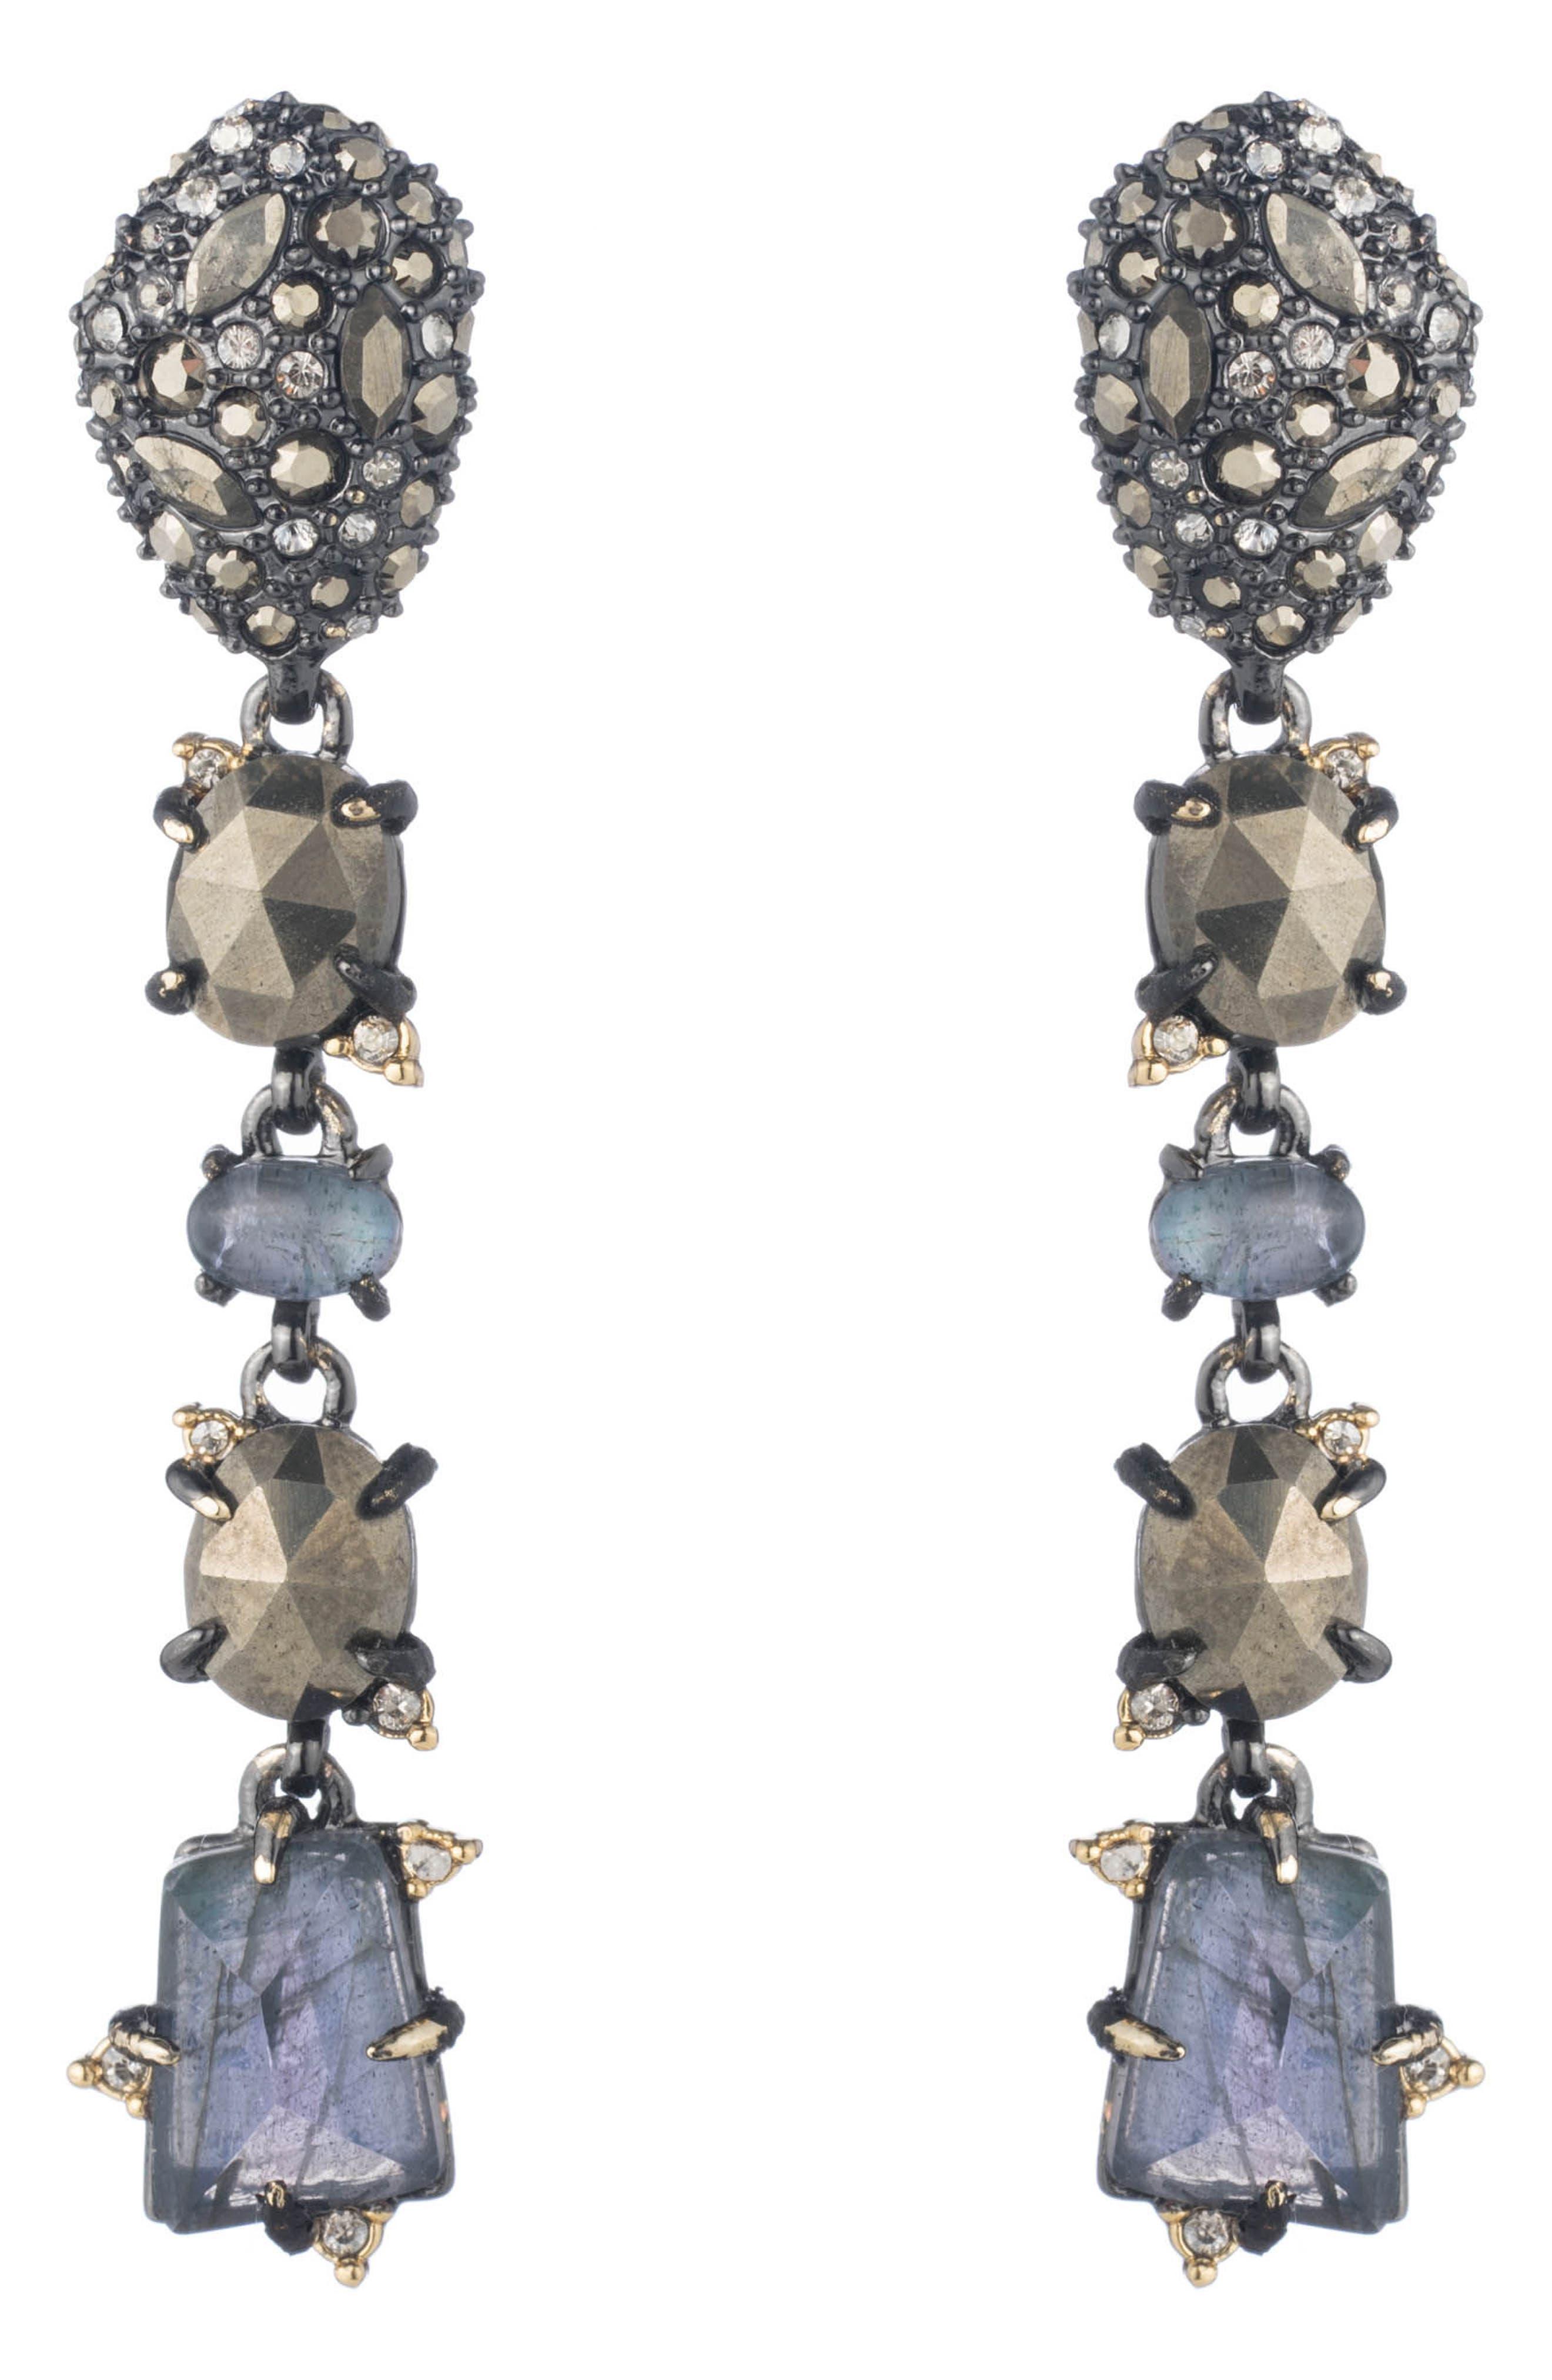 Elements Linear Earrings,                             Main thumbnail 1, color,                             710